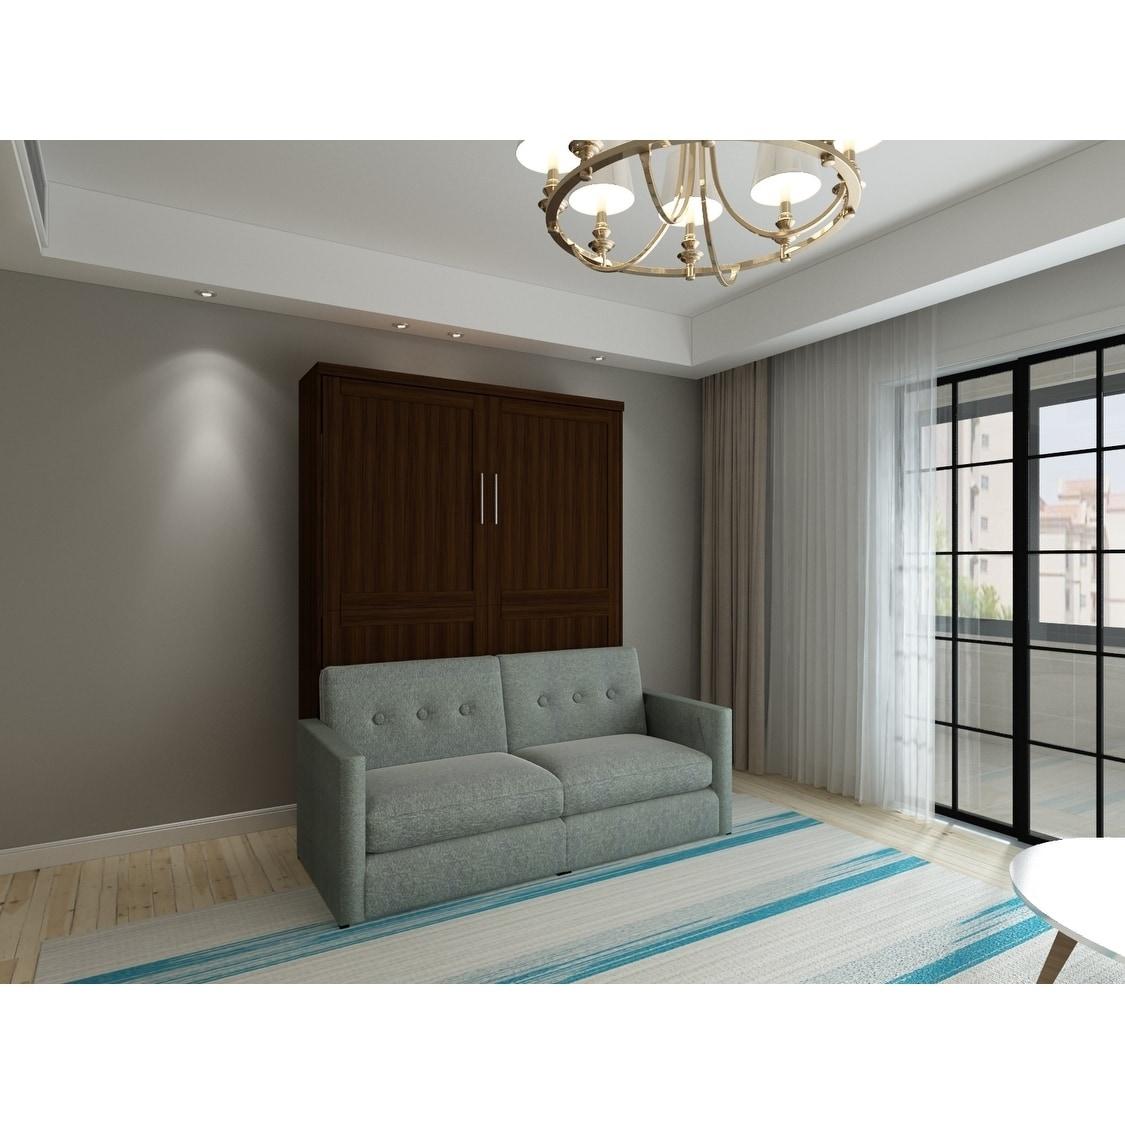 Brentwood Queen Sofa Murphy Bed Overstock 29106839